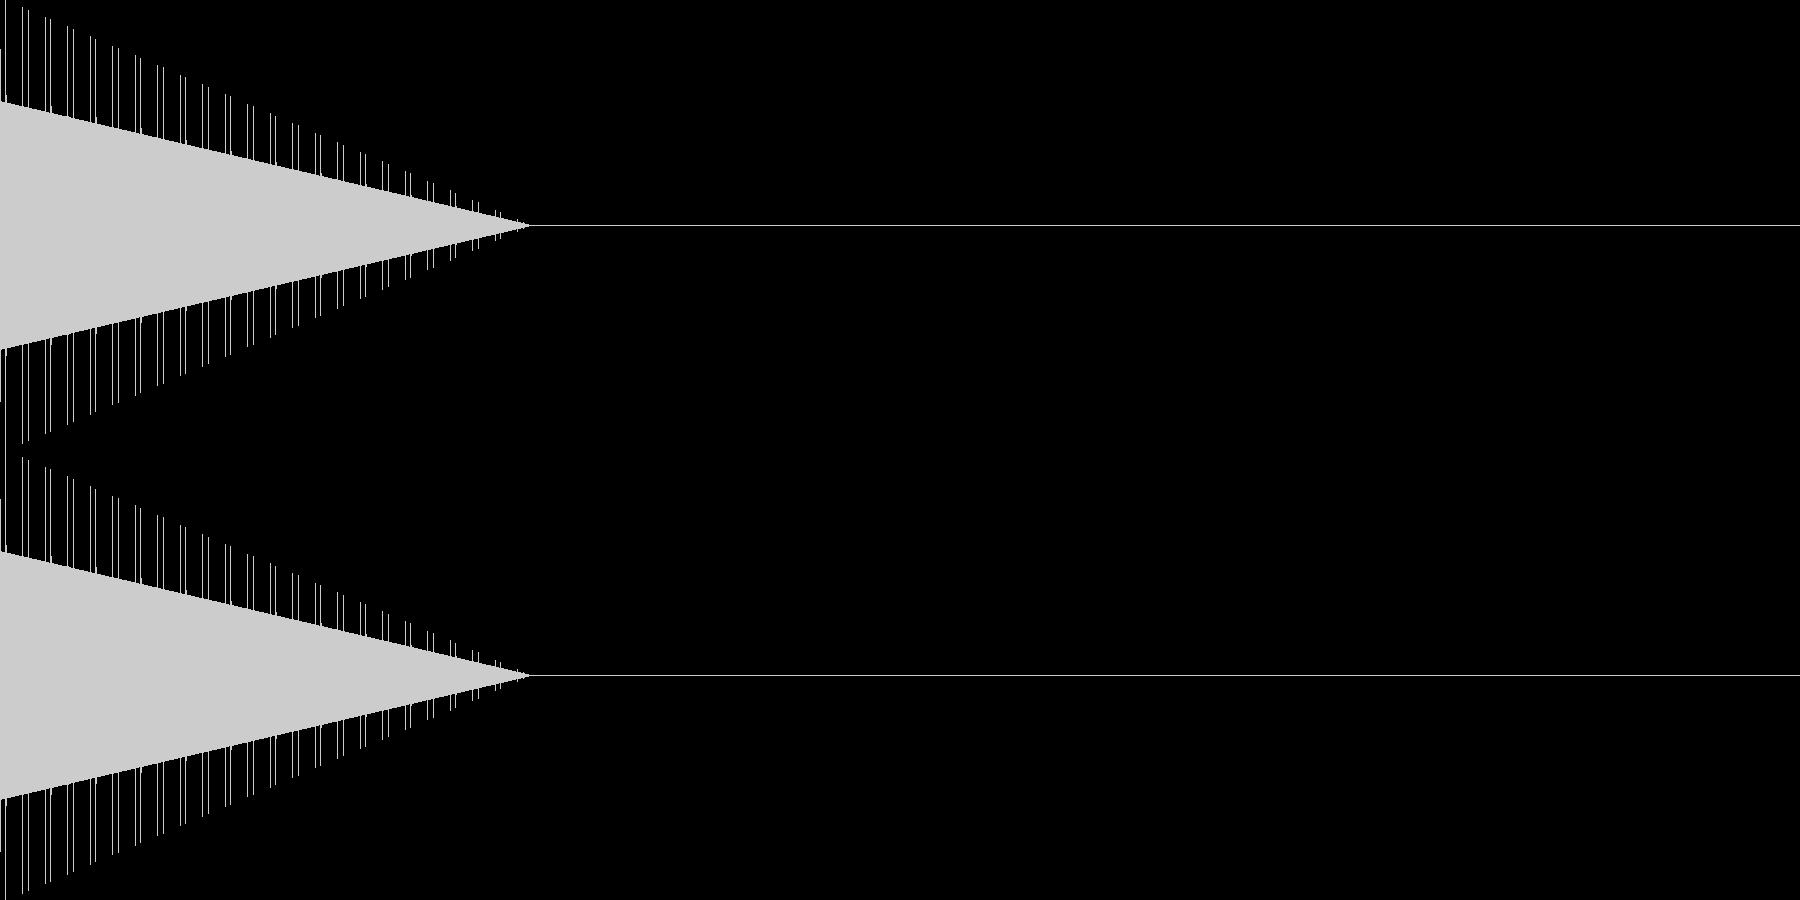 [プッ]カーソル移動/決定音/04の未再生の波形